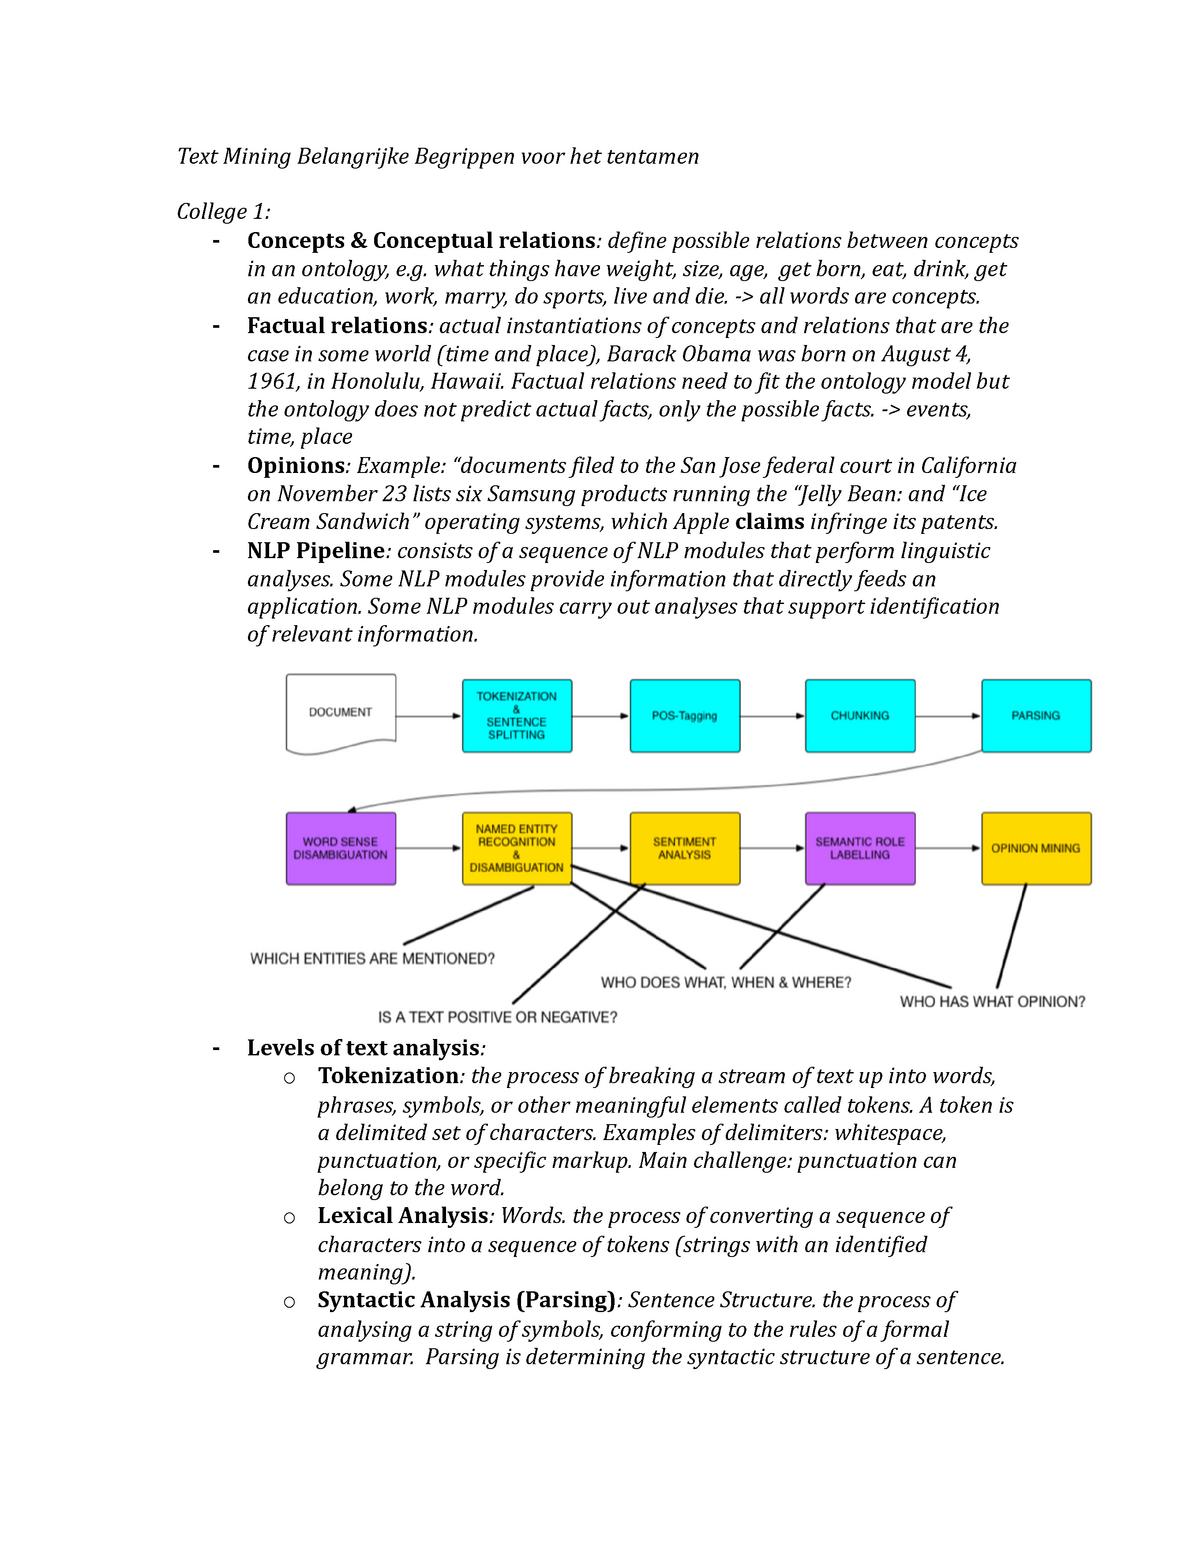 Text Mining Belangrijke Begrippen Voor Het Tentamen - - StuDocu